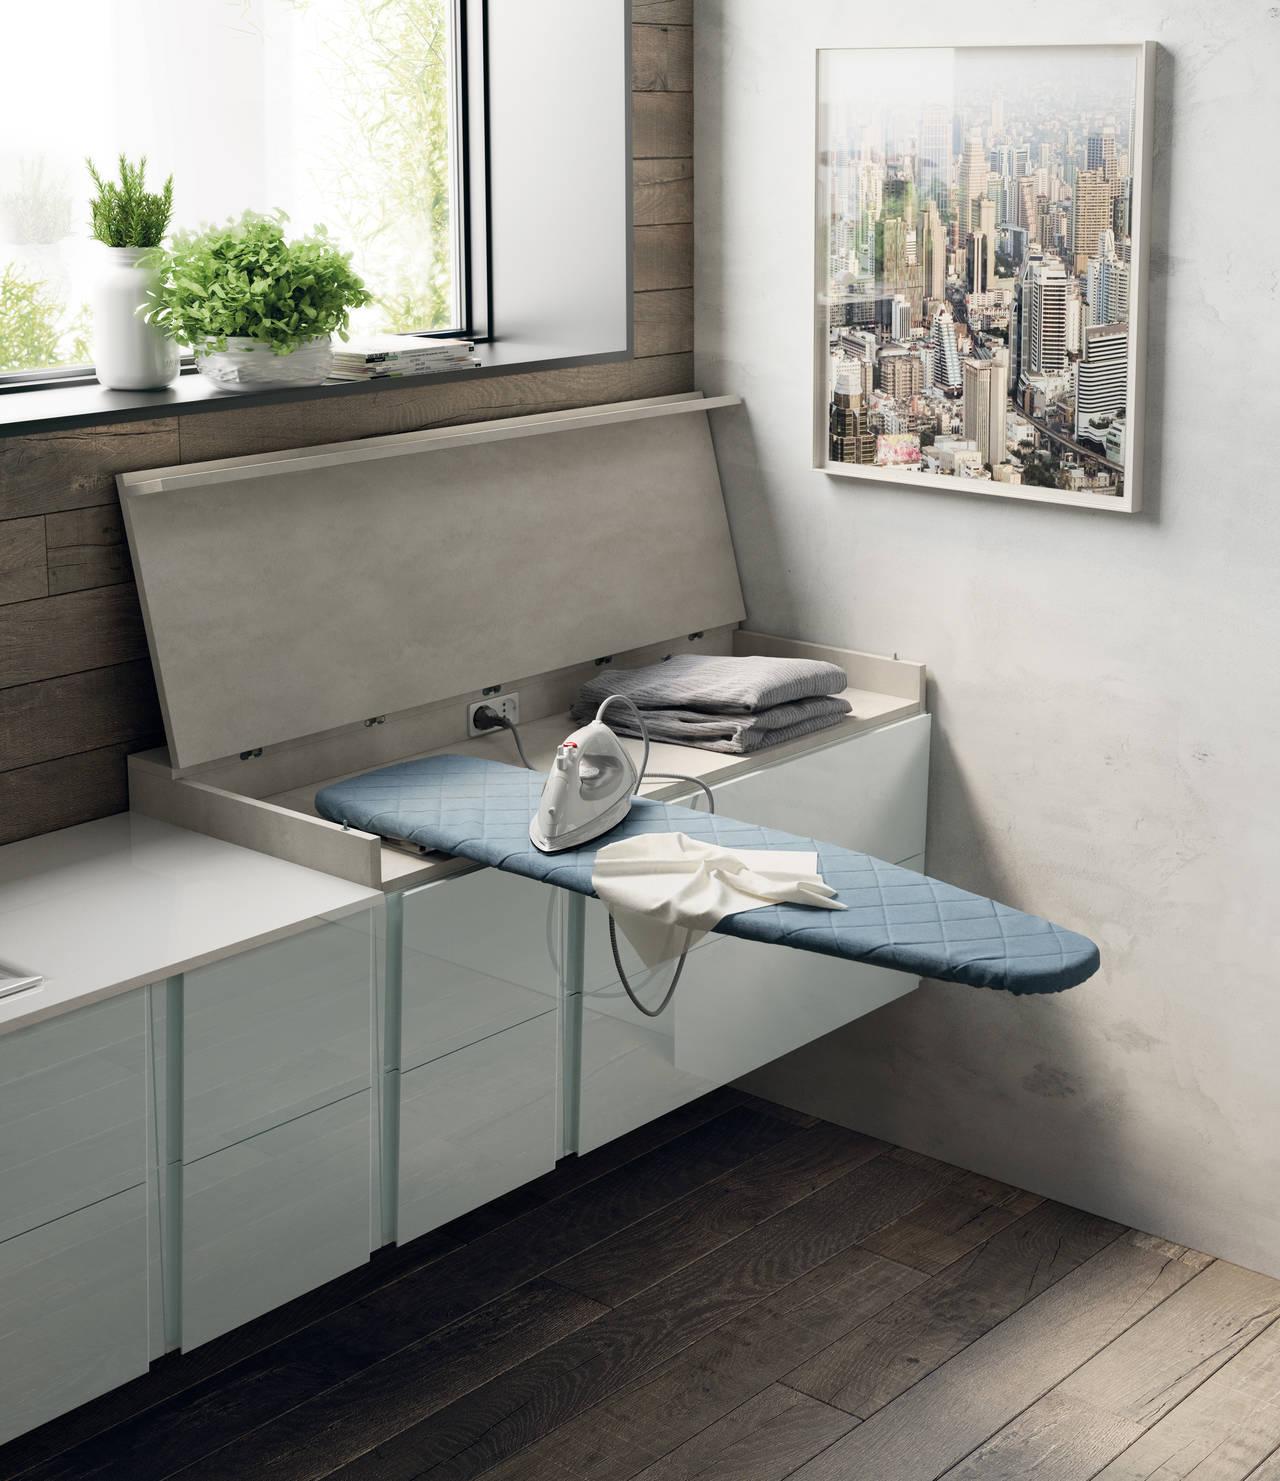 La lavanderia che scompare nei mobili del bagno - Mobili del bagno ...